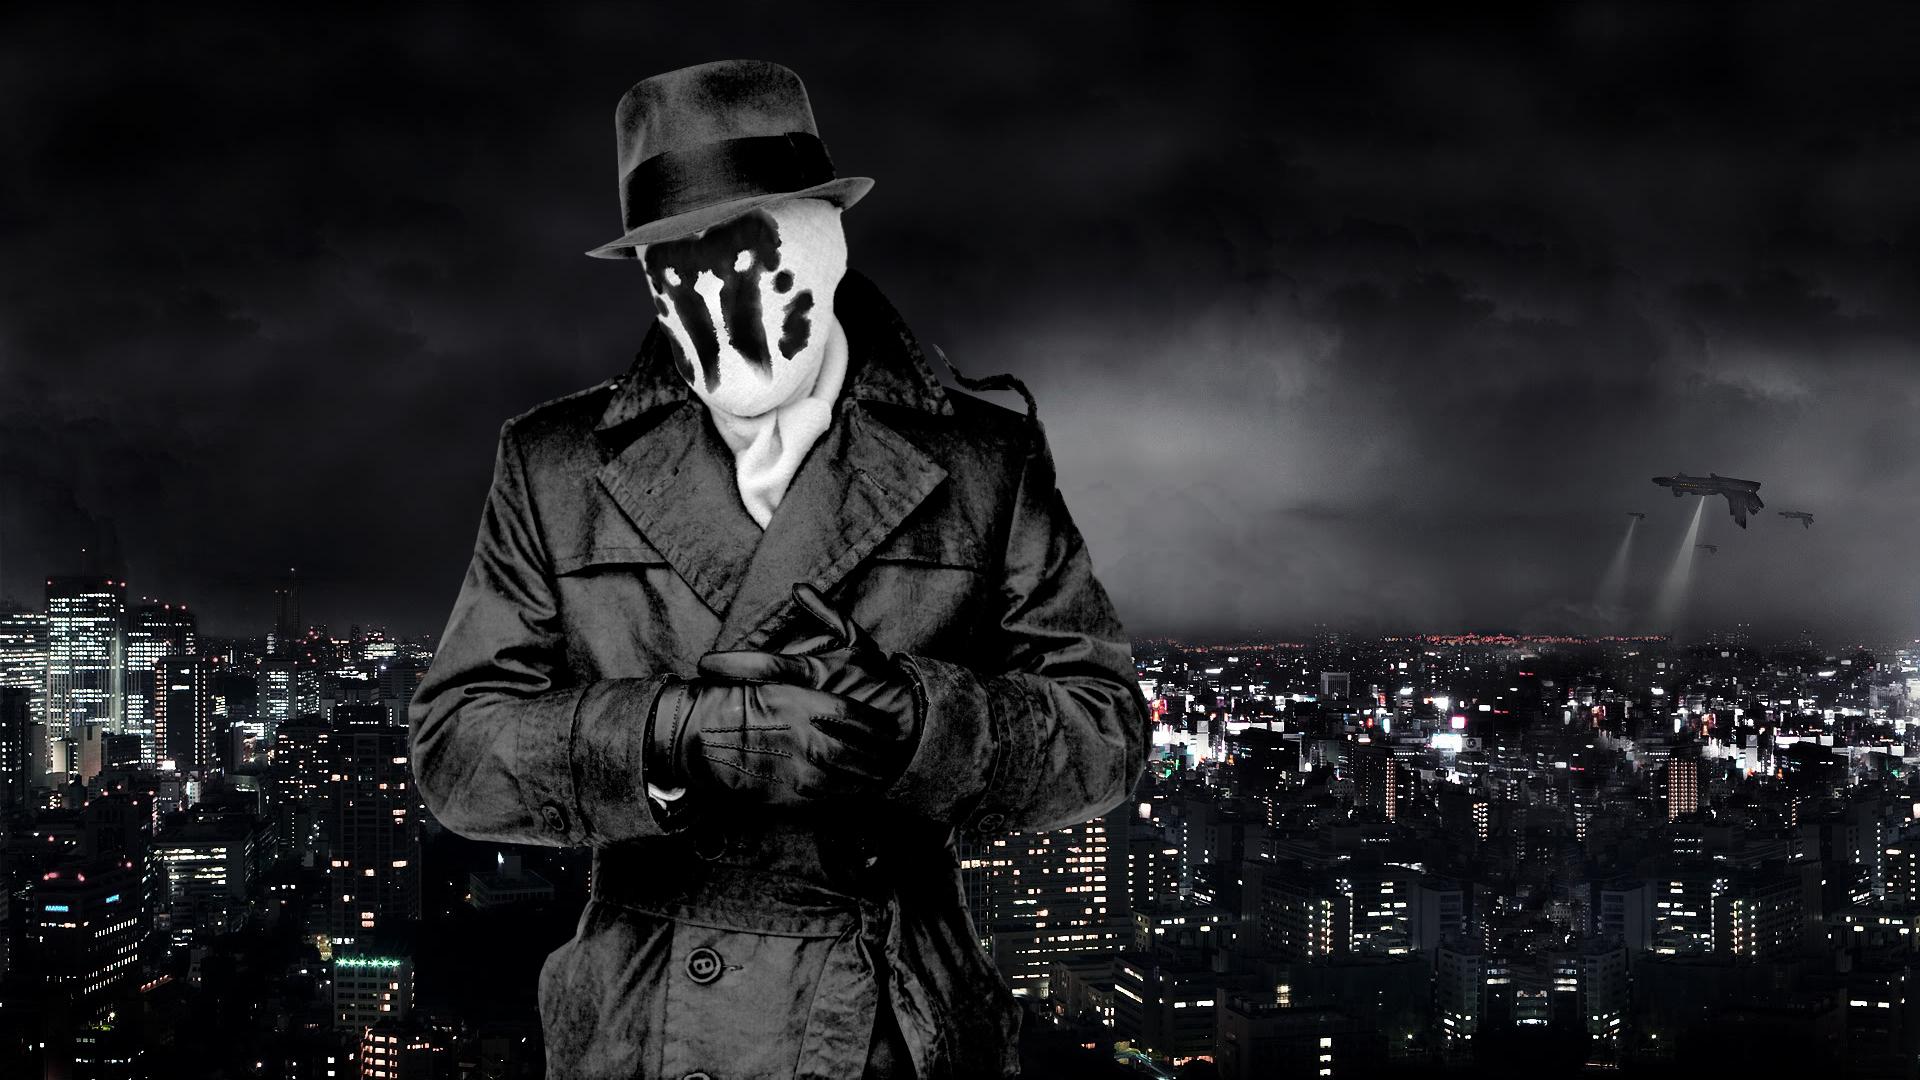 Watchmen Rorschach Wallpaper 1920x1080